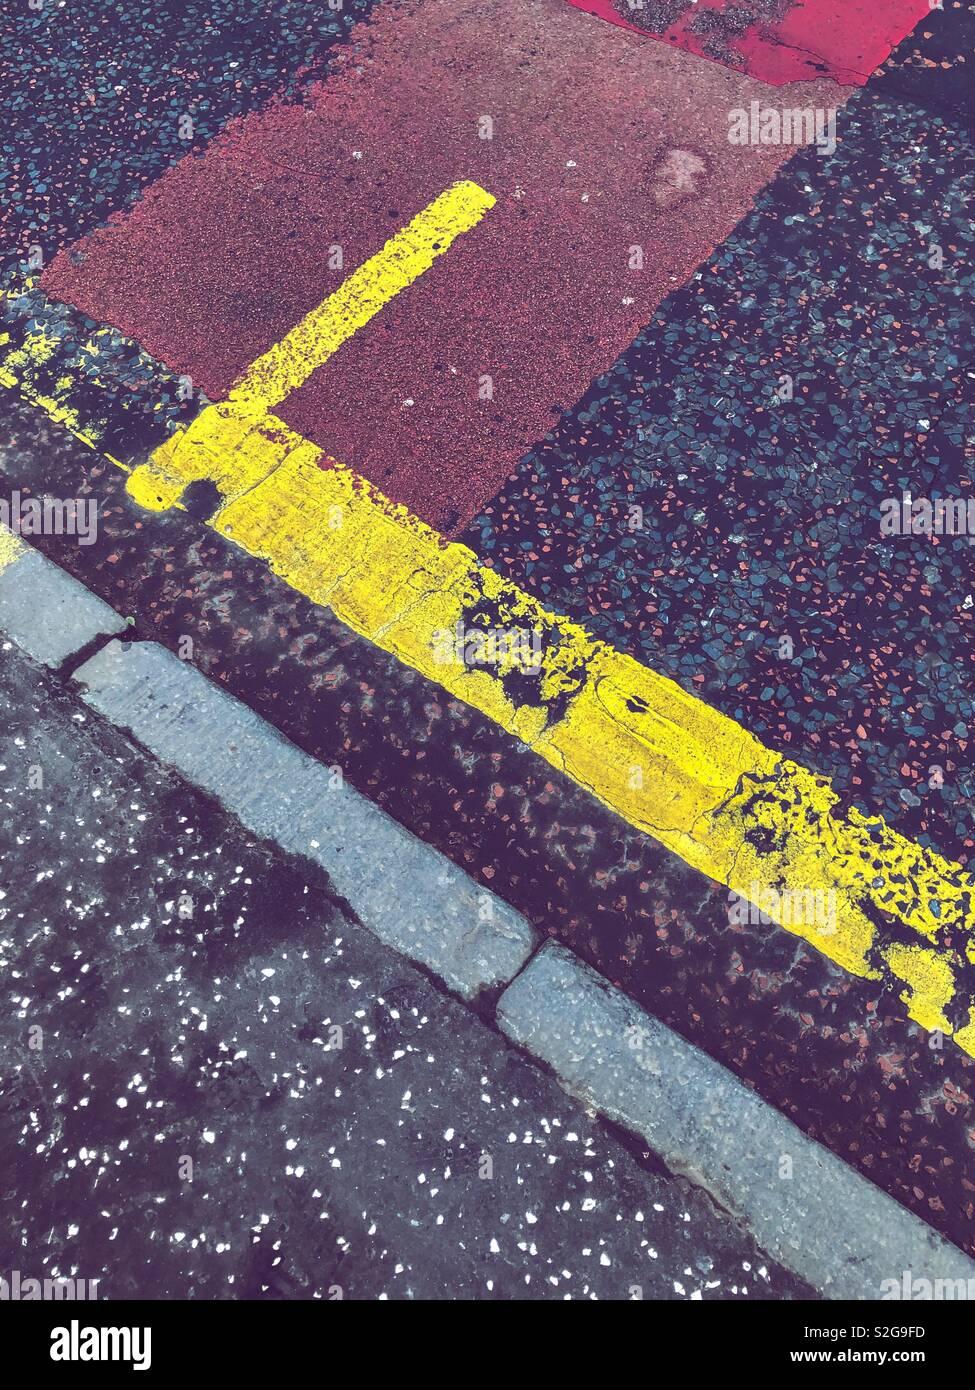 La segnaletica stradale orizzontale. Glasgow. La Scozia. Regno Unito. Foto Stock